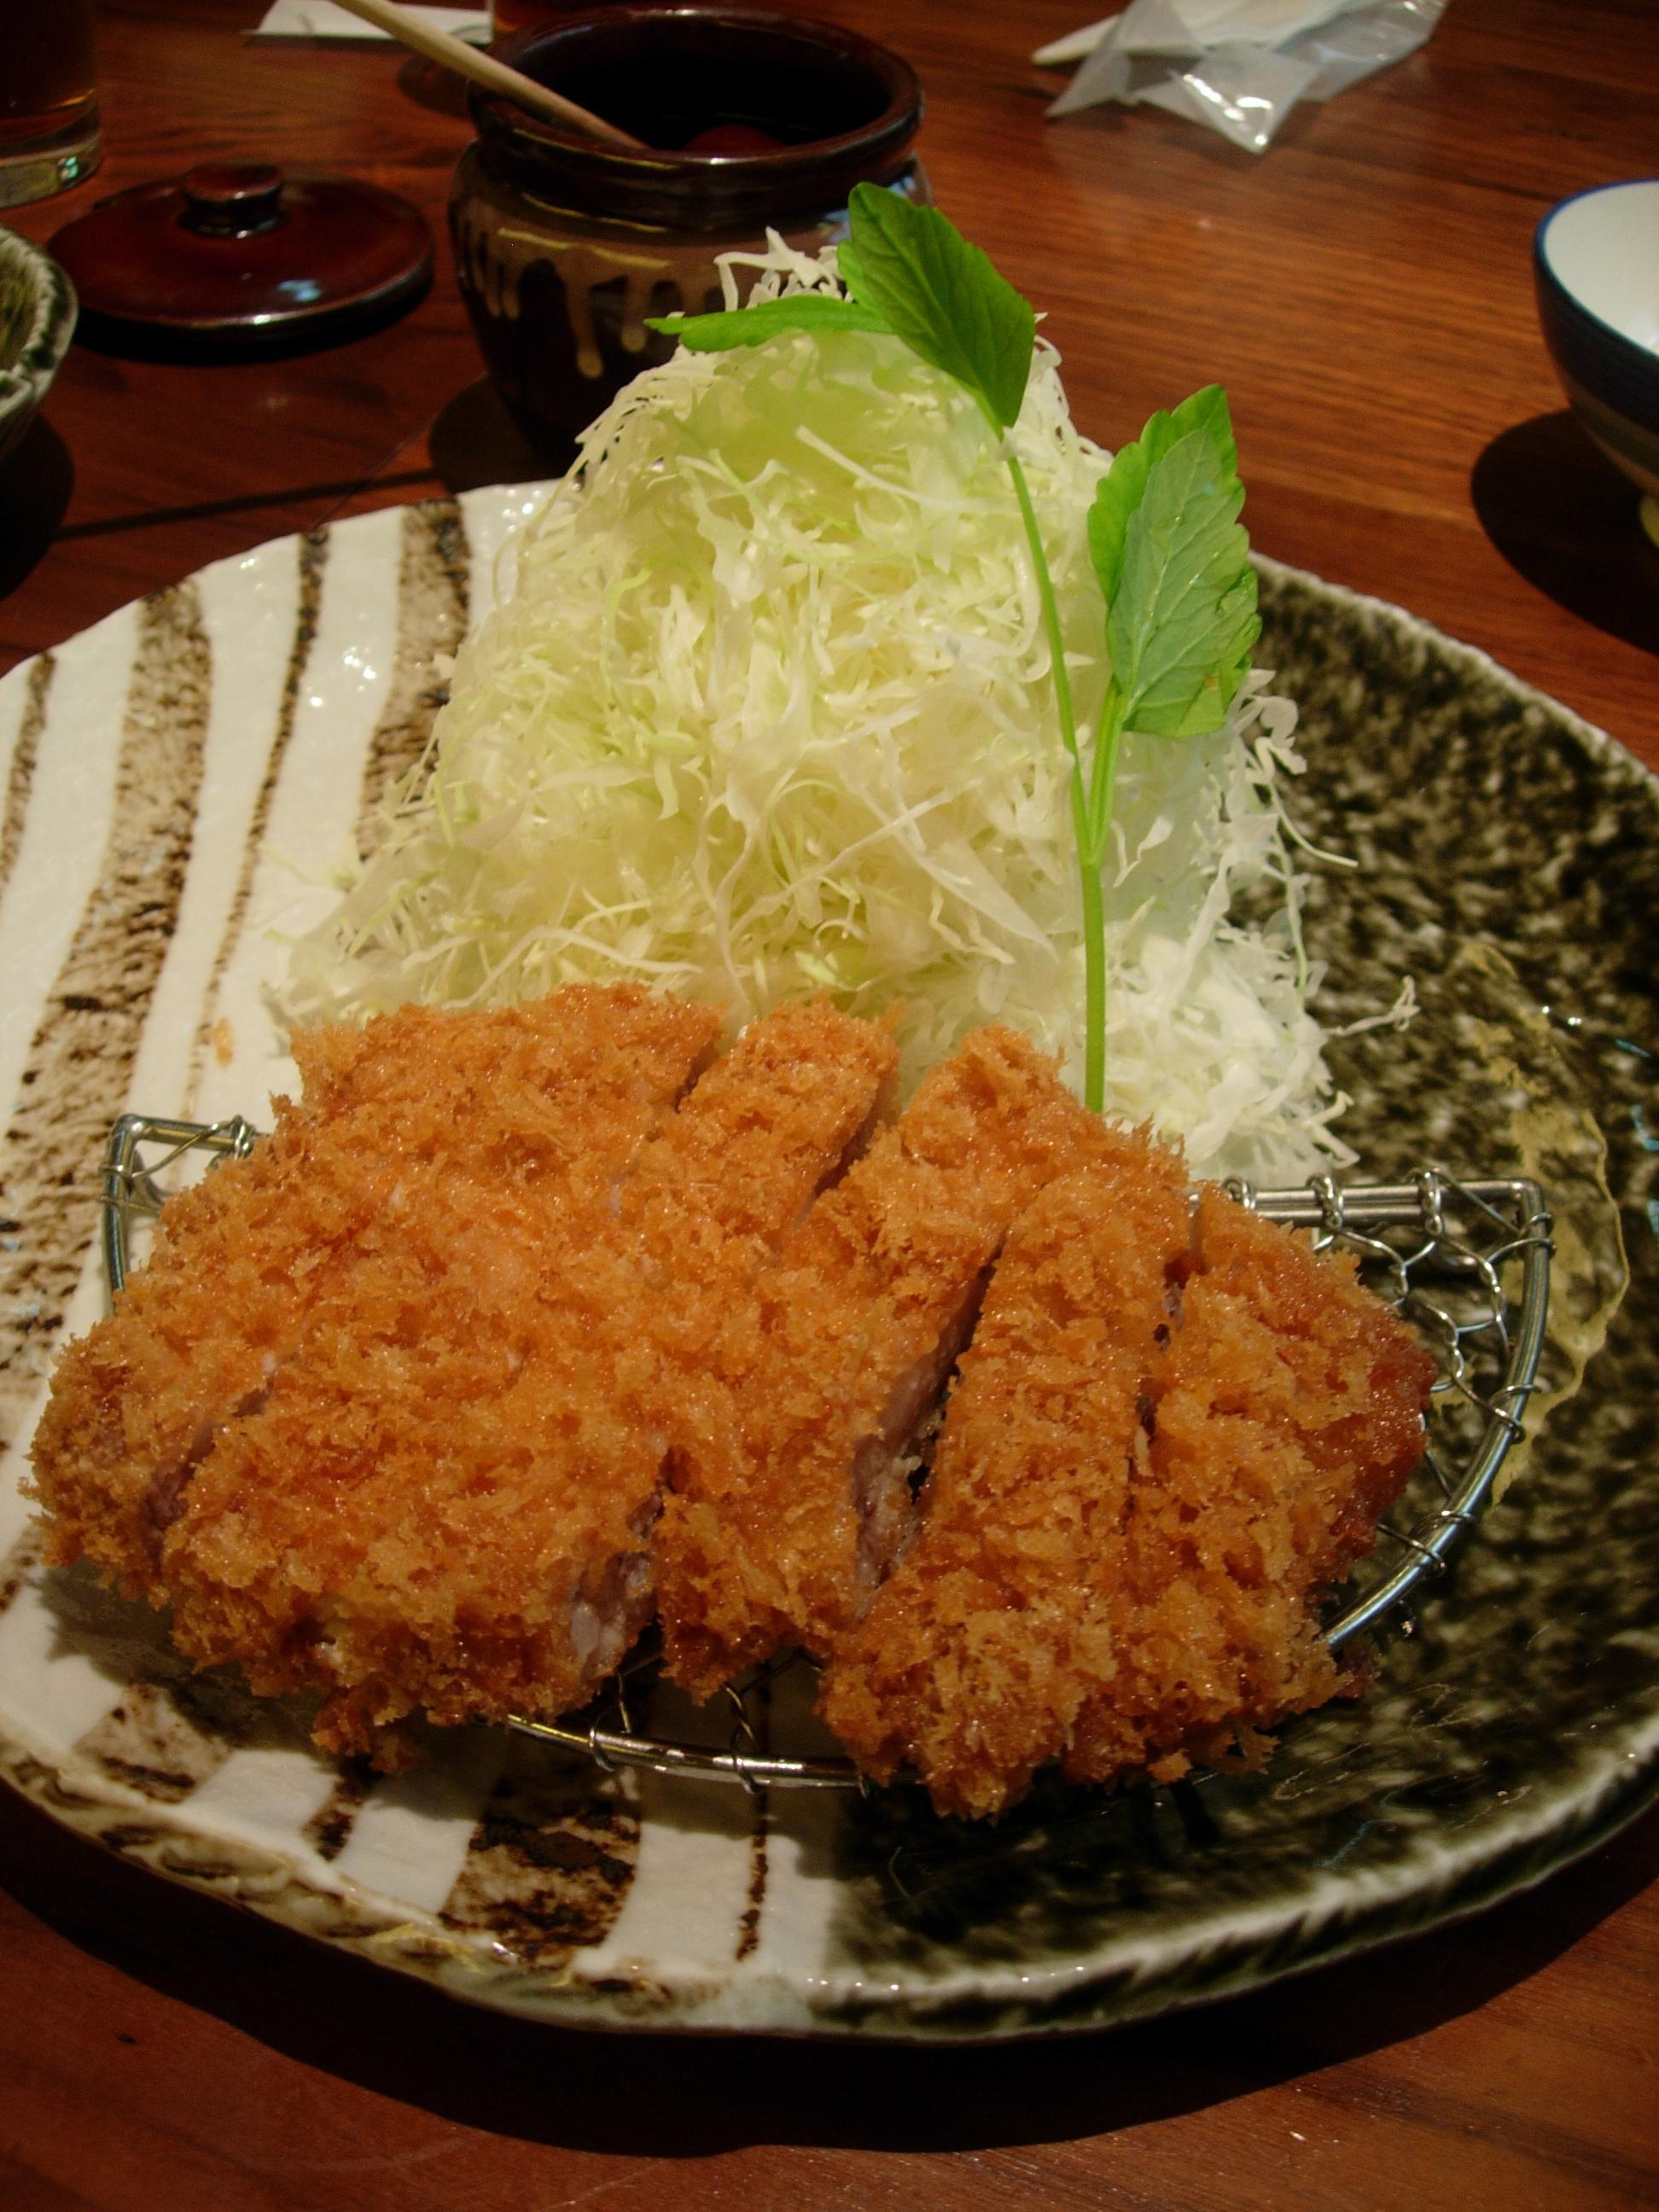 ... Dining – Katsukura Tonkatsu in Shinjuku 新宿のかつくら